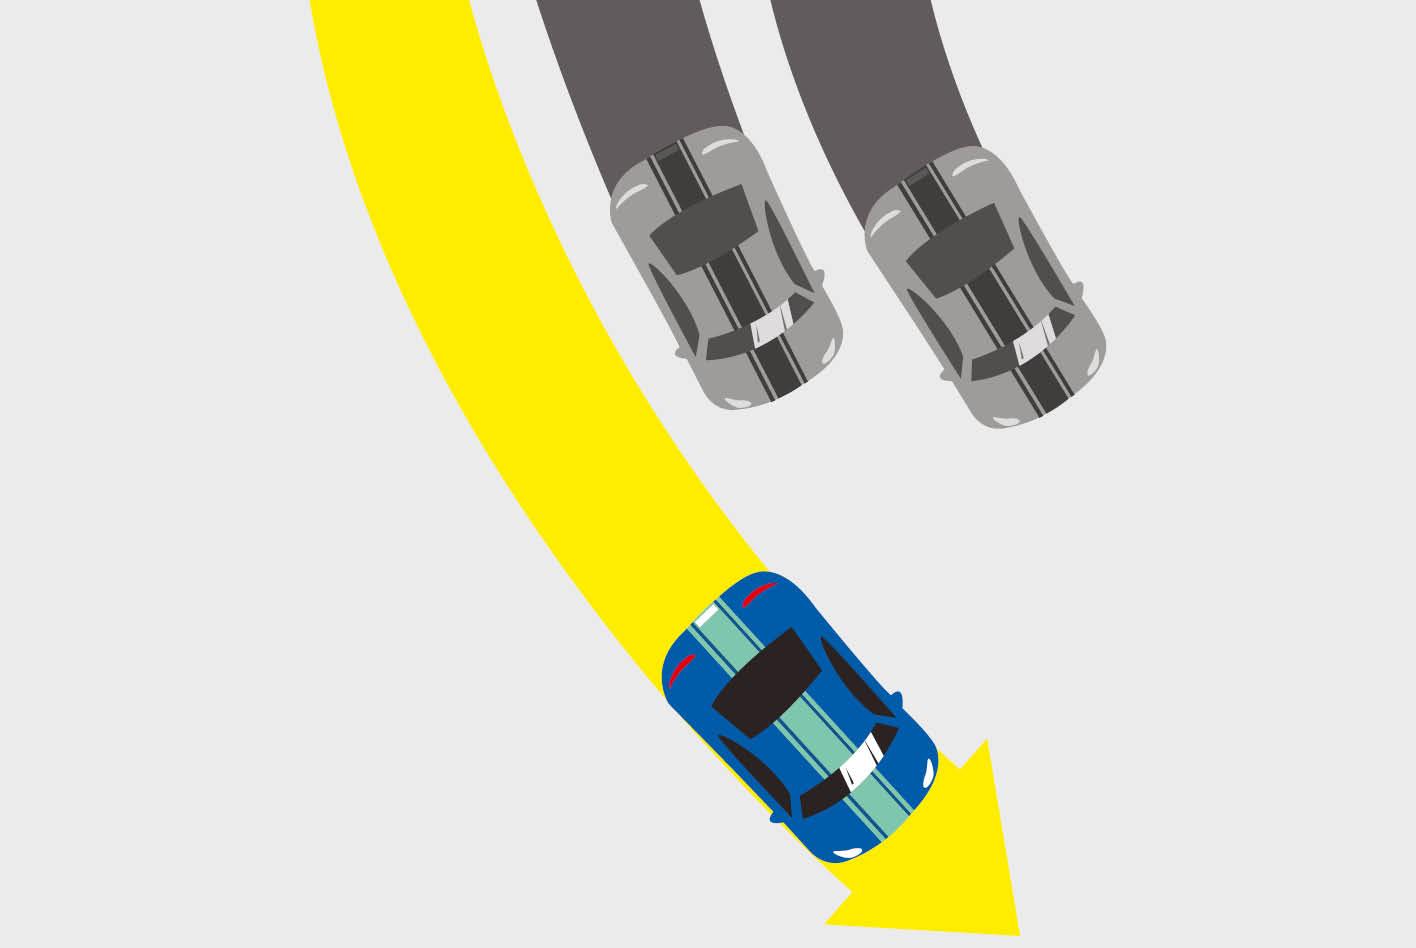 Bei Stau darf rechts überholt werden, wenn sich durch zähflüssigen Verkehrs links eine Fahrzeugschlange gebildet hat. Foto: Adobe Stock / Shinpanu